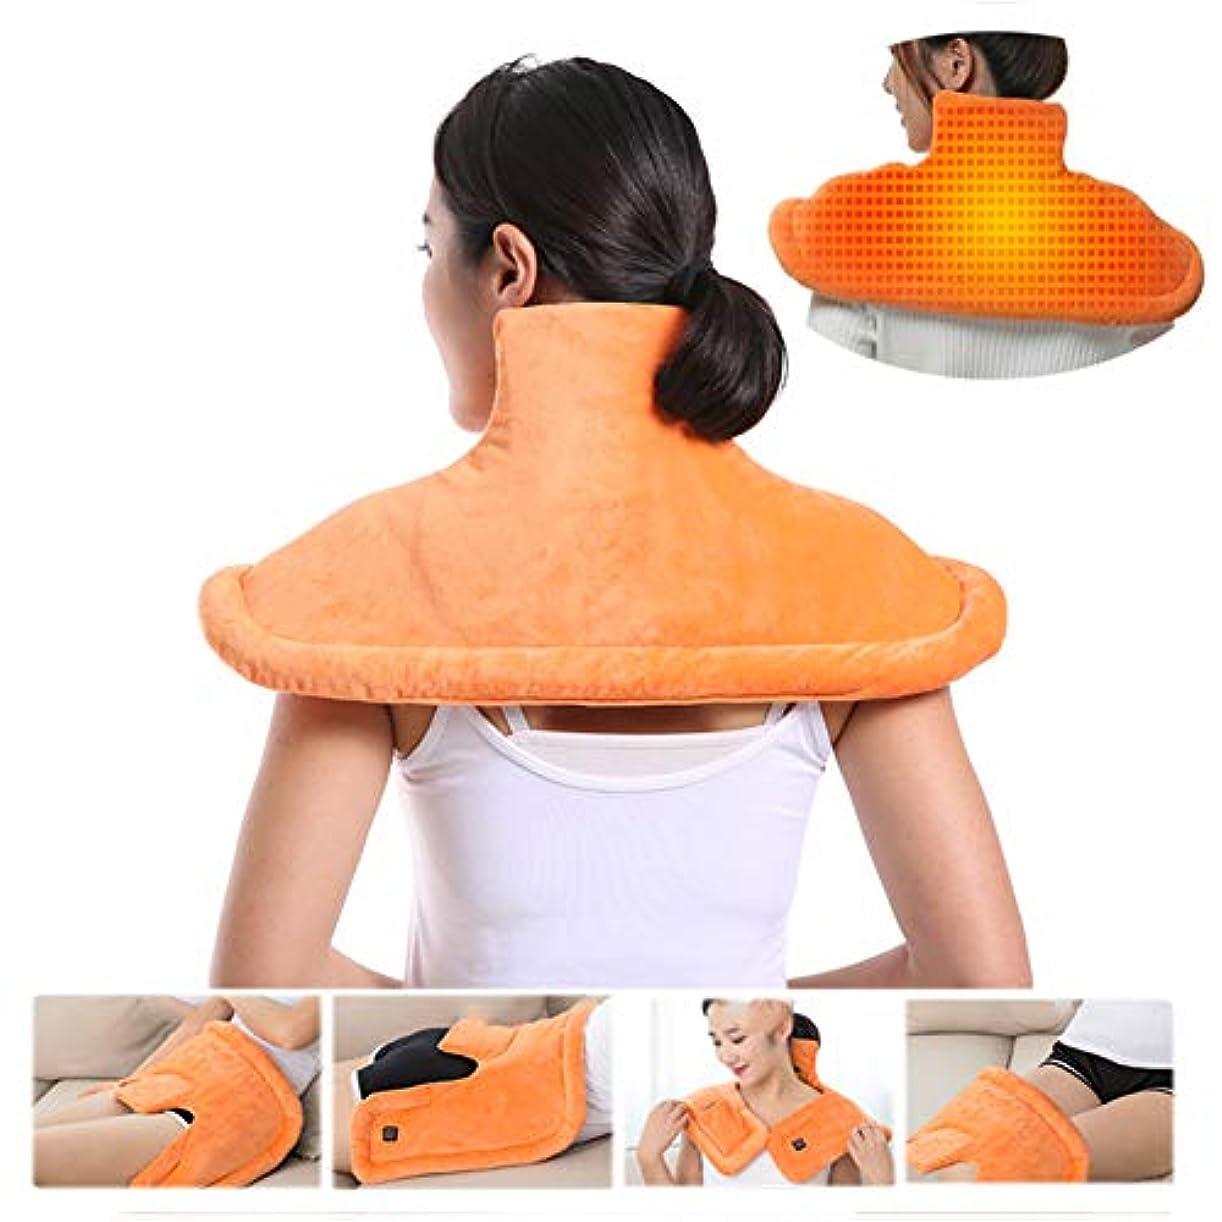 フィードオンウィスキー流産首の肩の背部暖房パッド、マッサージのヒートラップの熱くするショールの減圧のための調節可能な強度フルボディマッサージ首の肩暖房湿った熱療法のパッド